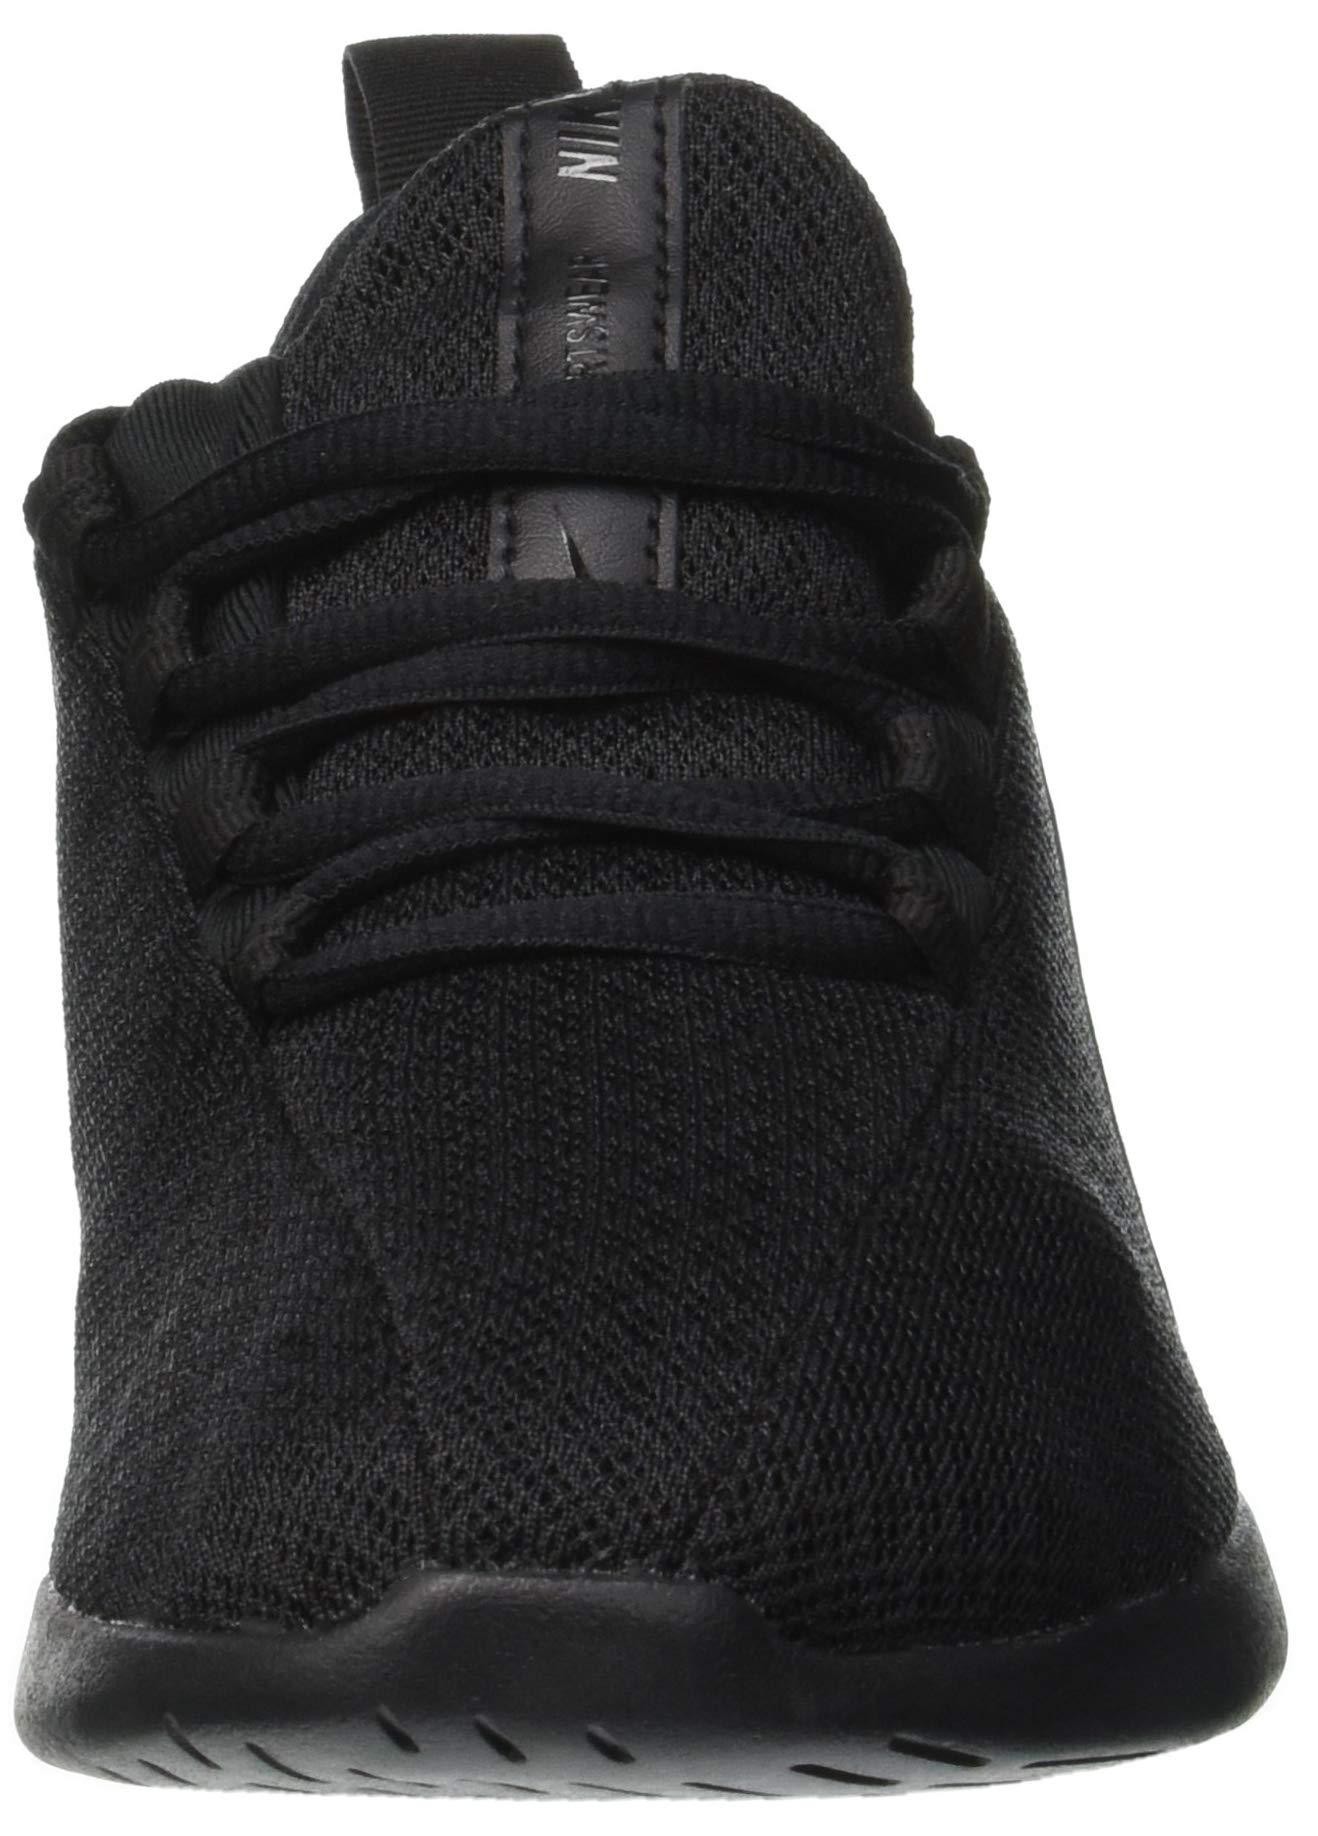 Nike Boys' Viale (GS) Running Shoe, Black, 4Y Youth US Big Kid by Nike (Image #4)